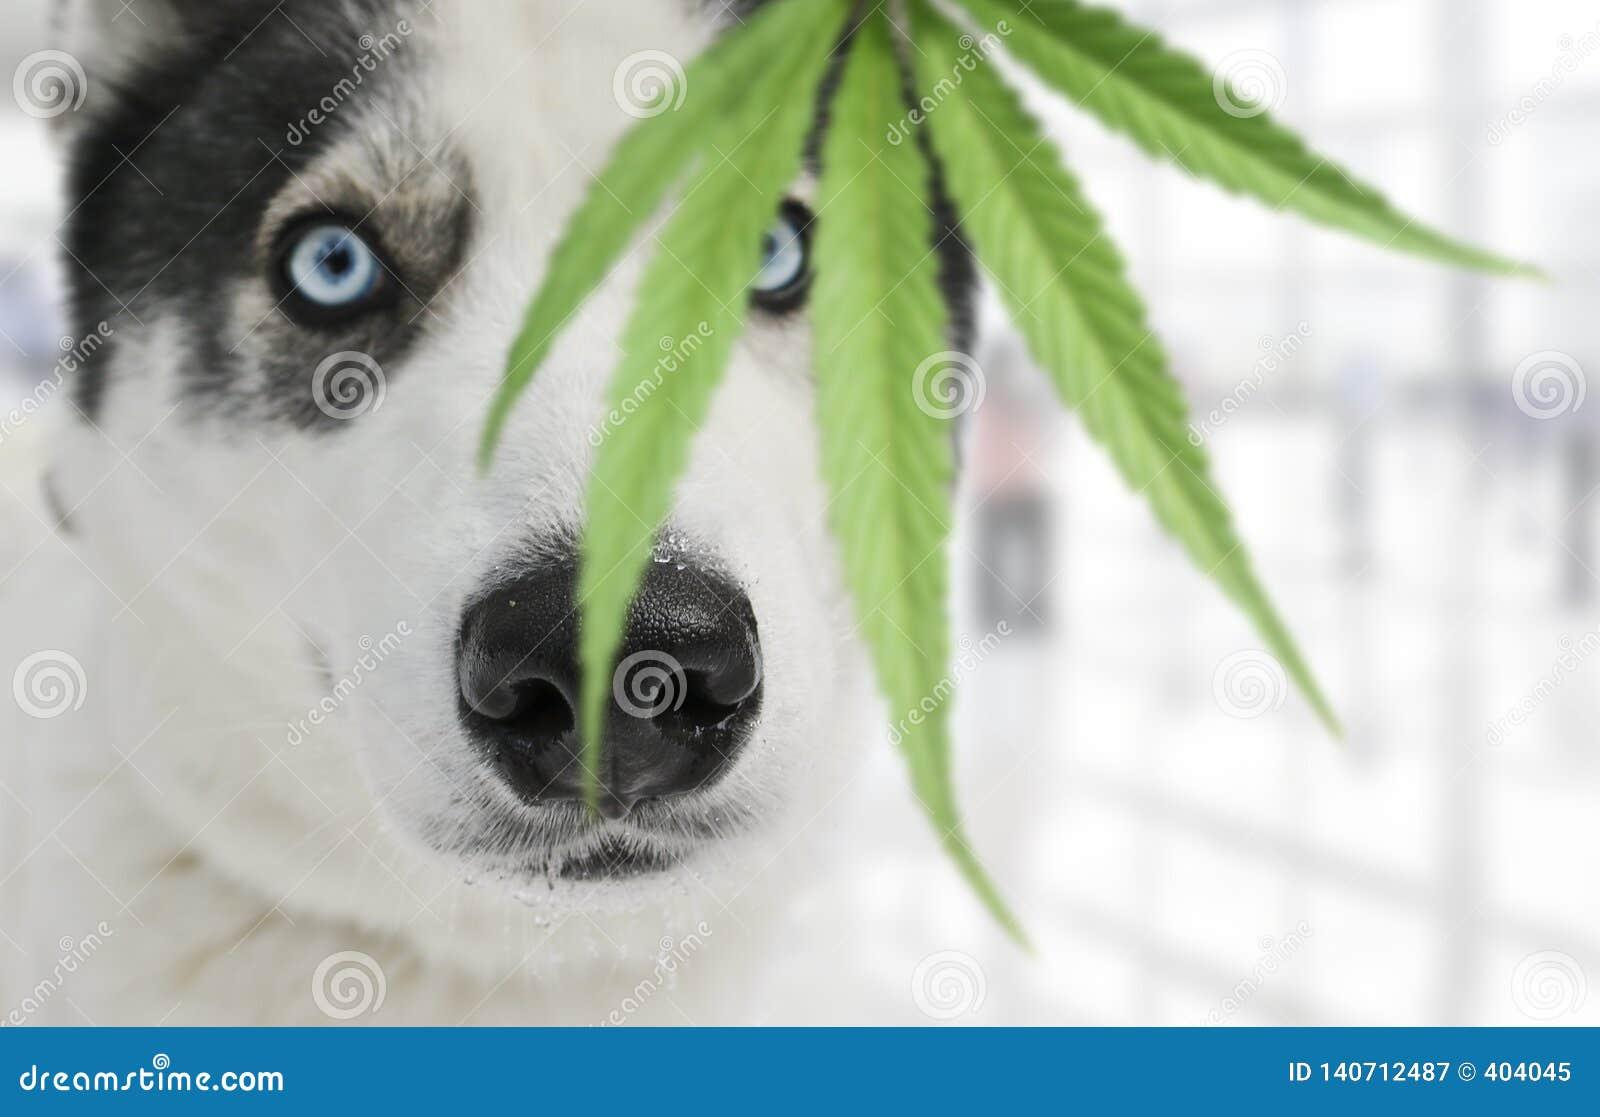 Сиплая собака обнюхивая лист марихуаны Натренированная собака ища лекарства